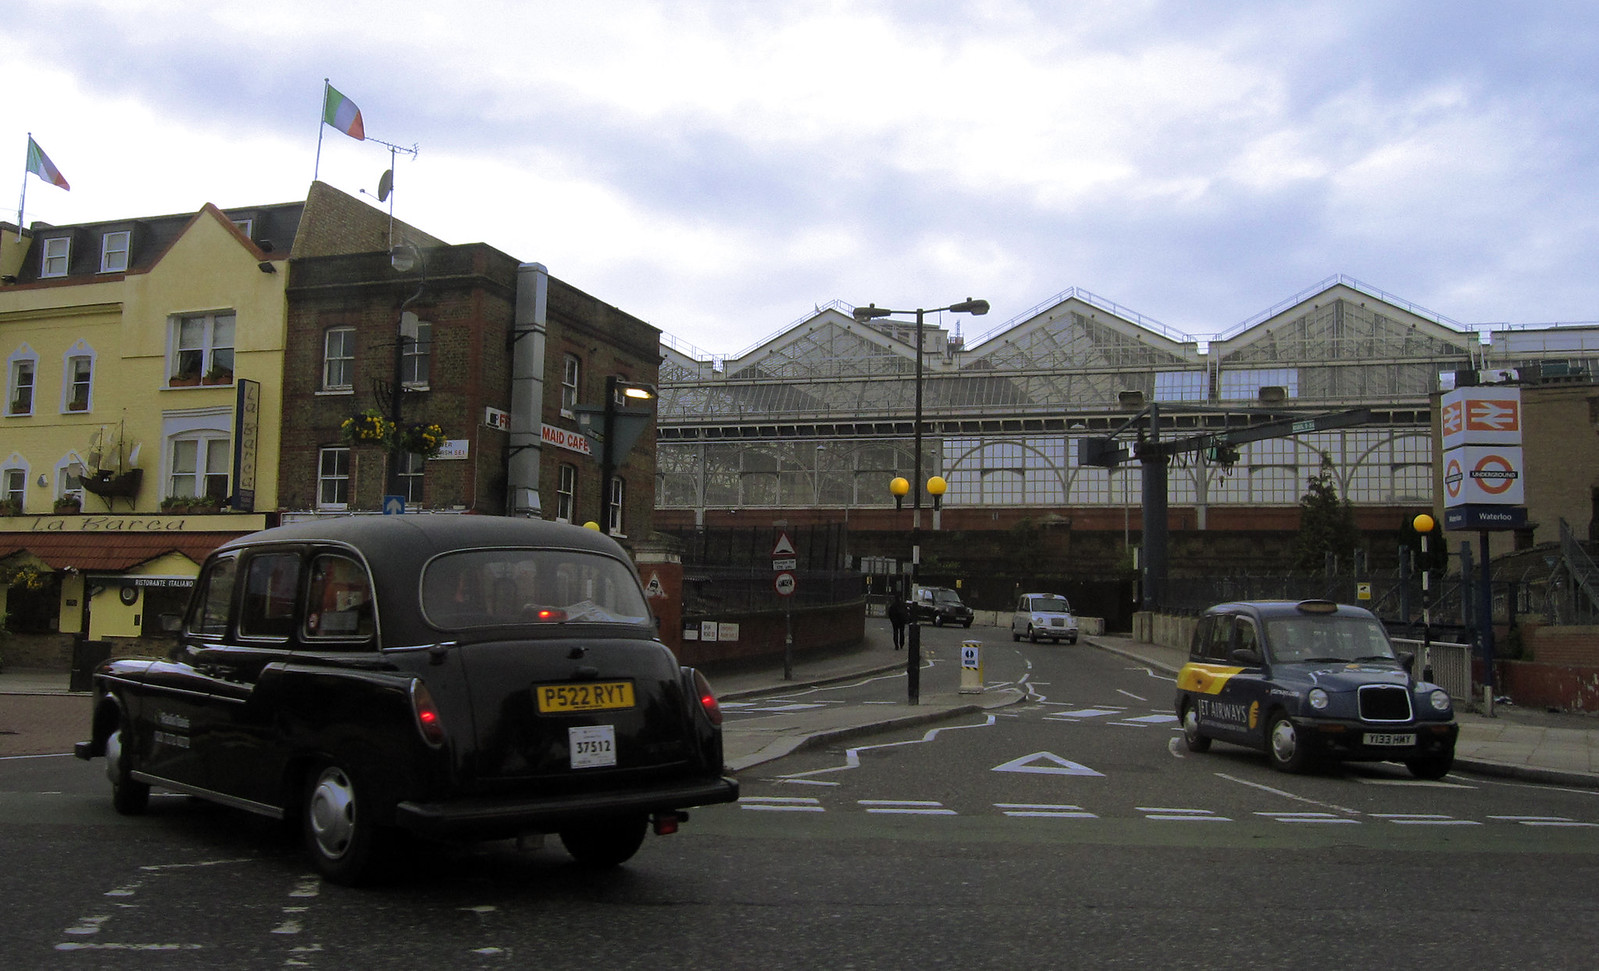 London 486